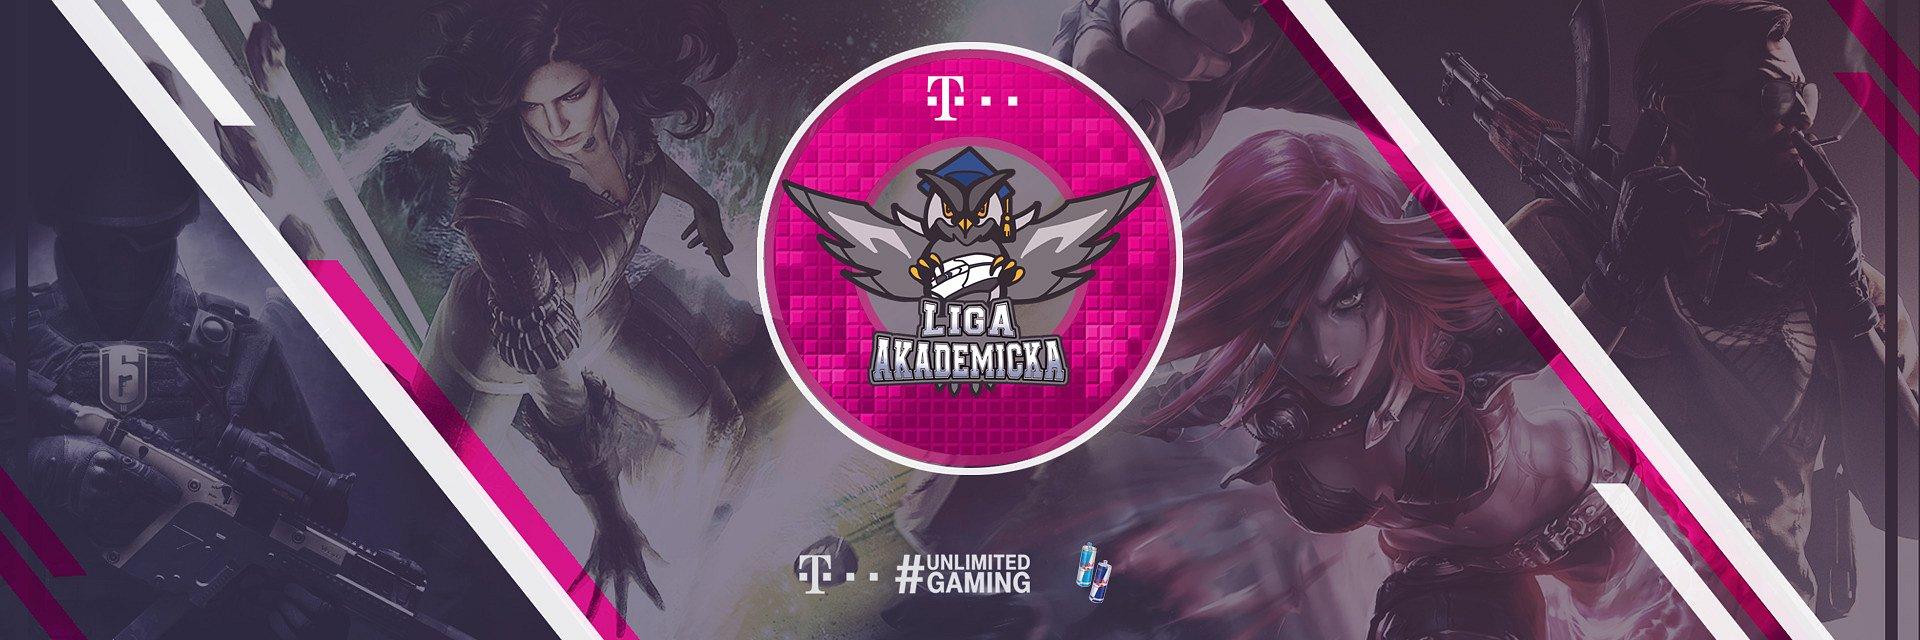 Pracuj.pl wchodzi w świat e-sportu z T-Mobile Ligą Akademicką